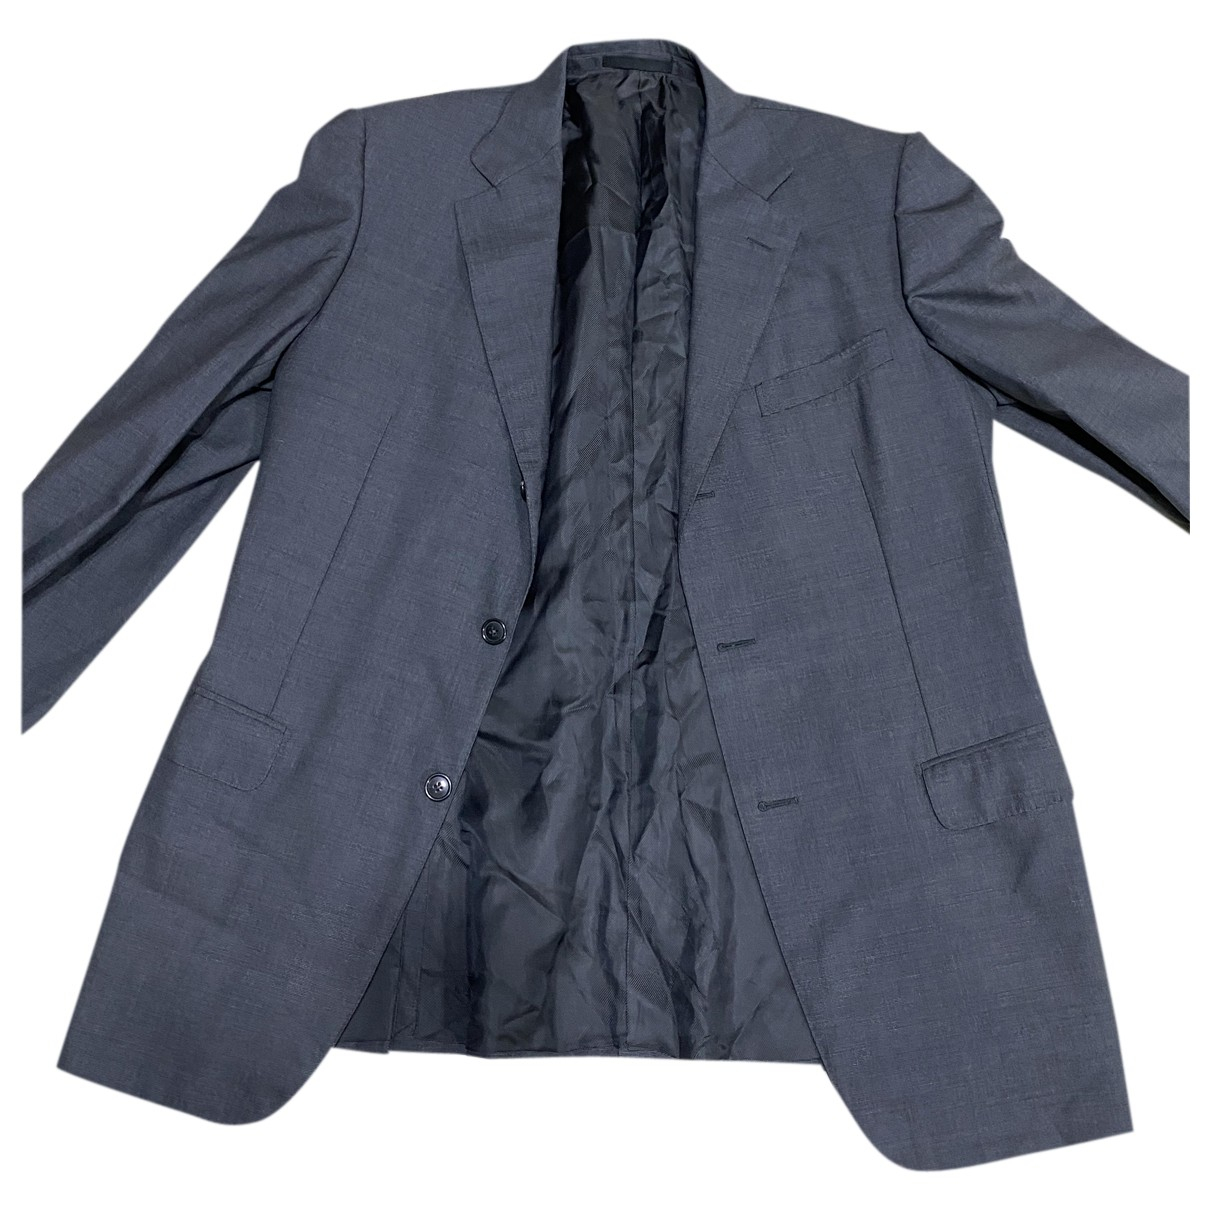 Ermenegildo Zegna N Grey Wool jacket  for Men 54 IT